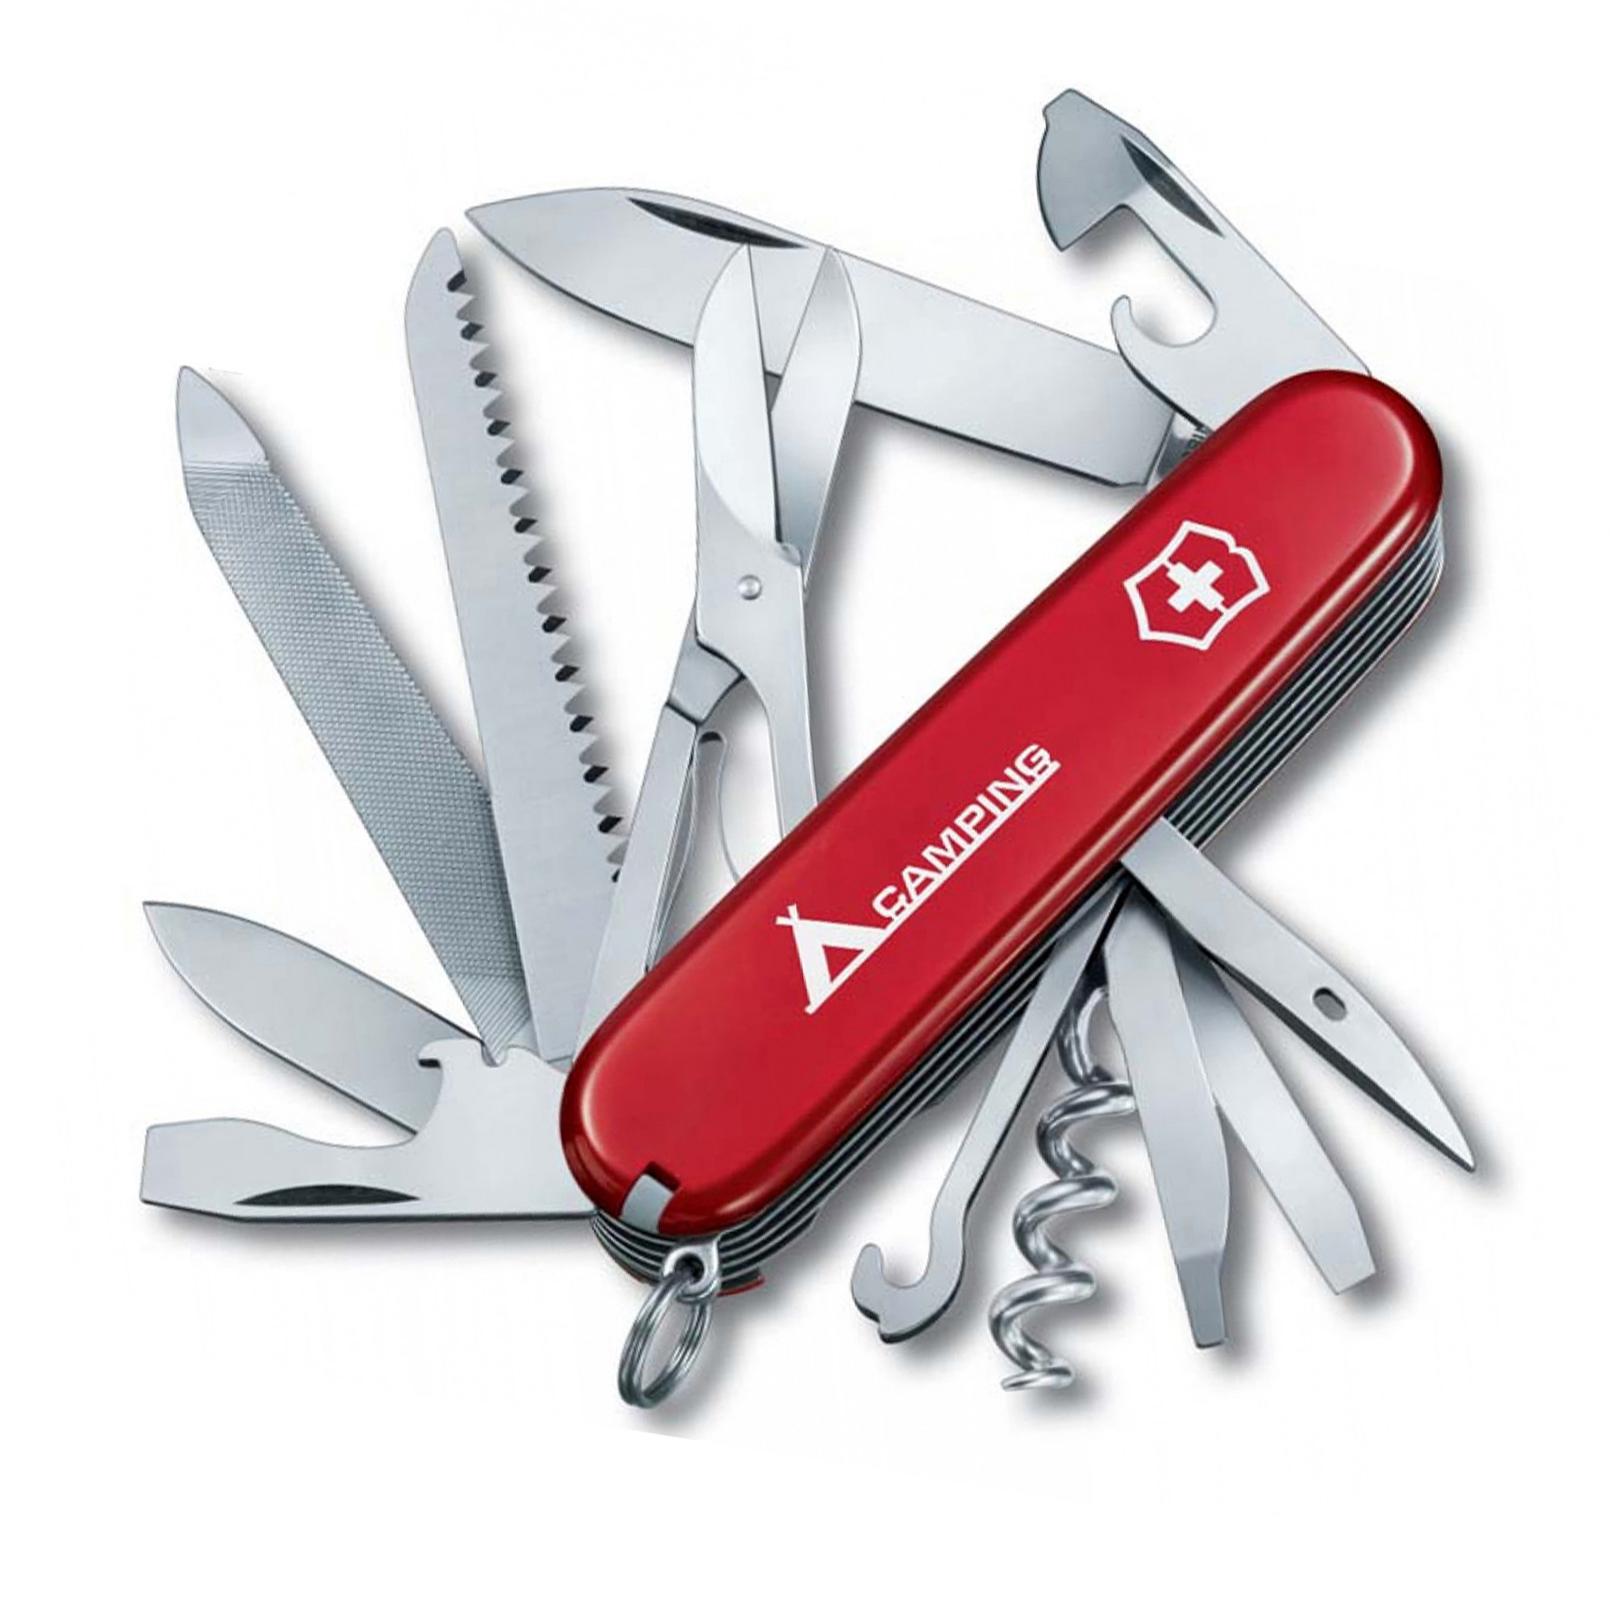 Нож перочинный Victorinox Ranger, сталь X55CrMo14, рукоять Cellidor®, красный